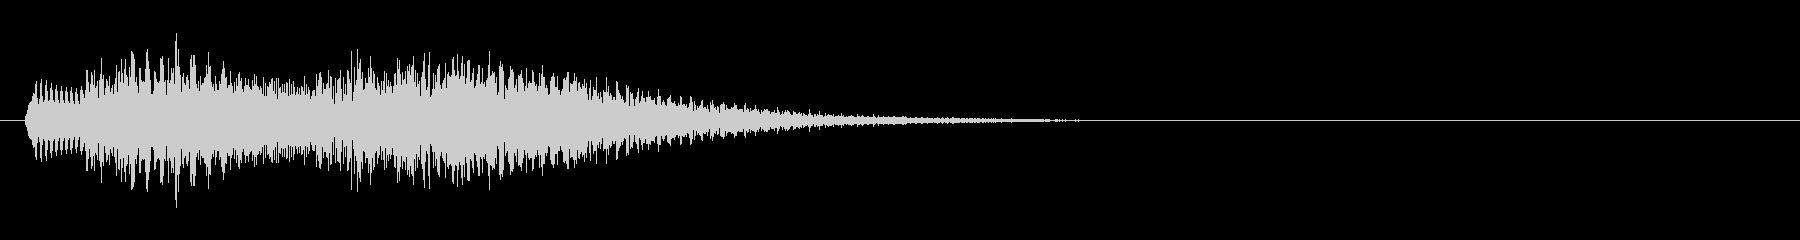 ゲームの決定音などに使える シャラン音の未再生の波形